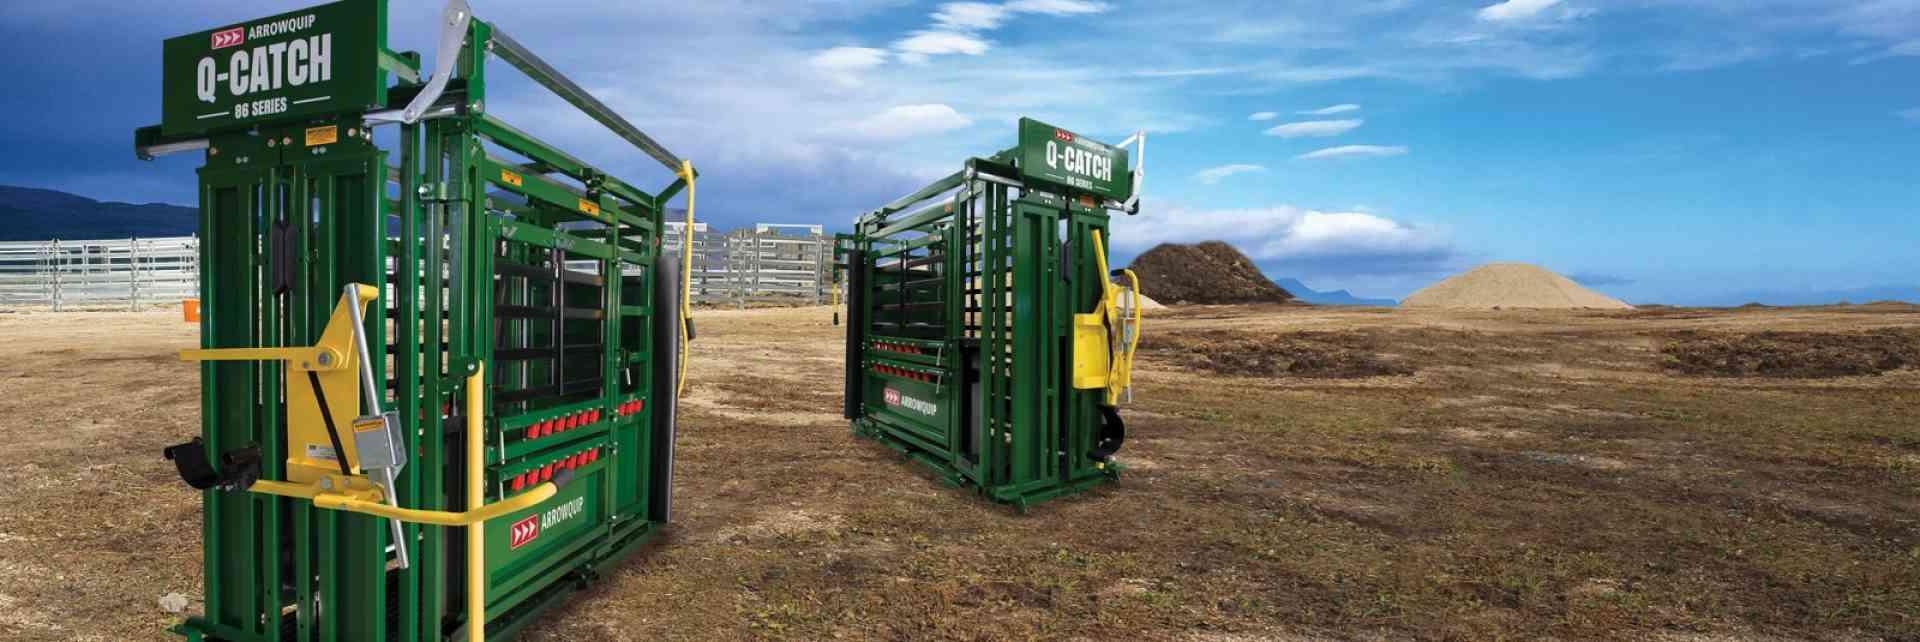 Q-Catch 86 Series Squeeze Cattle Chute